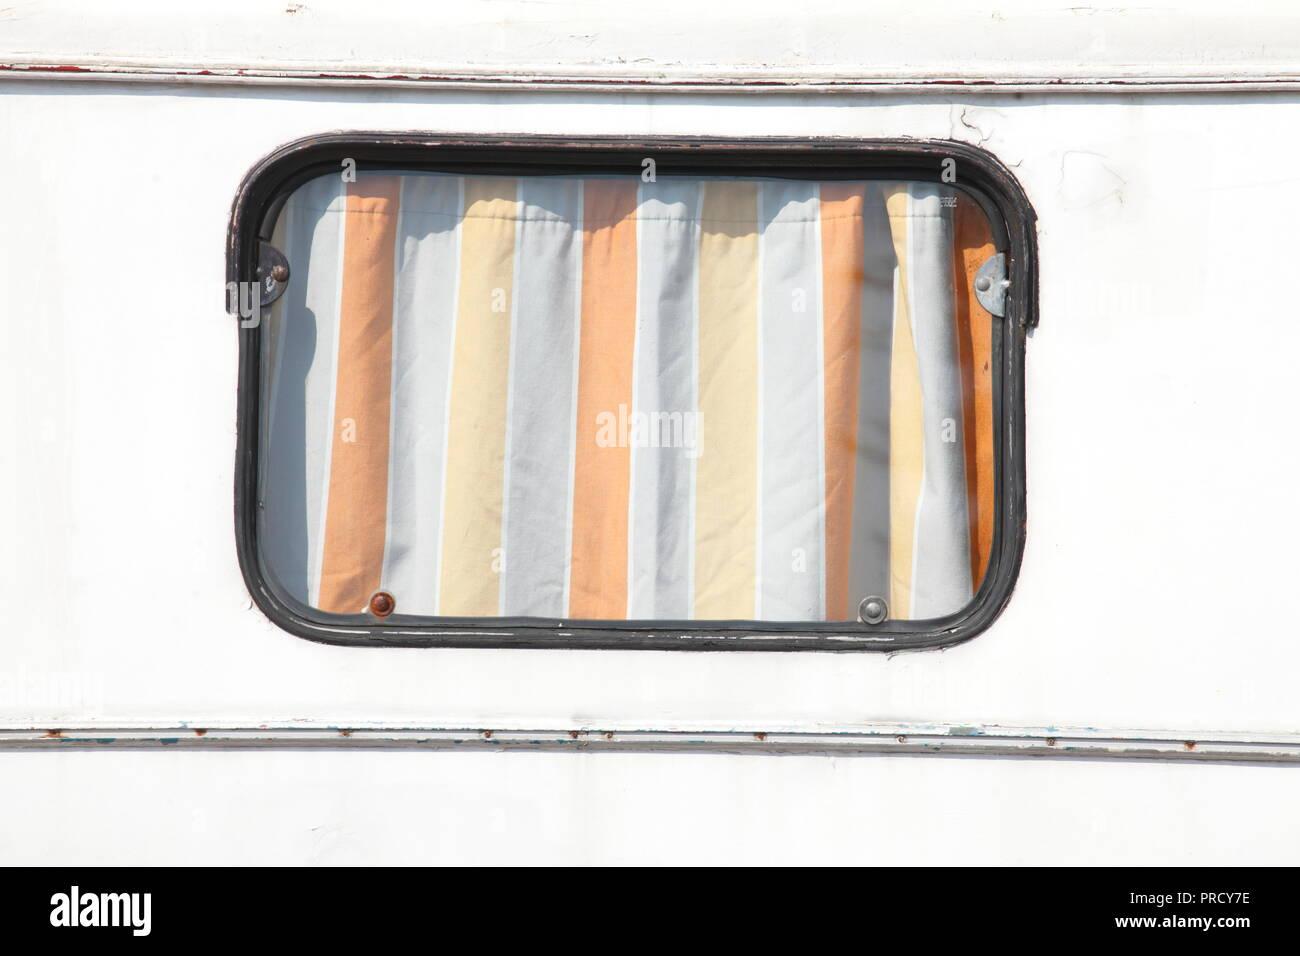 Fenster an einem alten Wohnwagen Anhänger, Deutschland, Europa ich Fenster ein einem Alten Wohnwagen-Anhänger, Deutschland, Europa IStockfoto